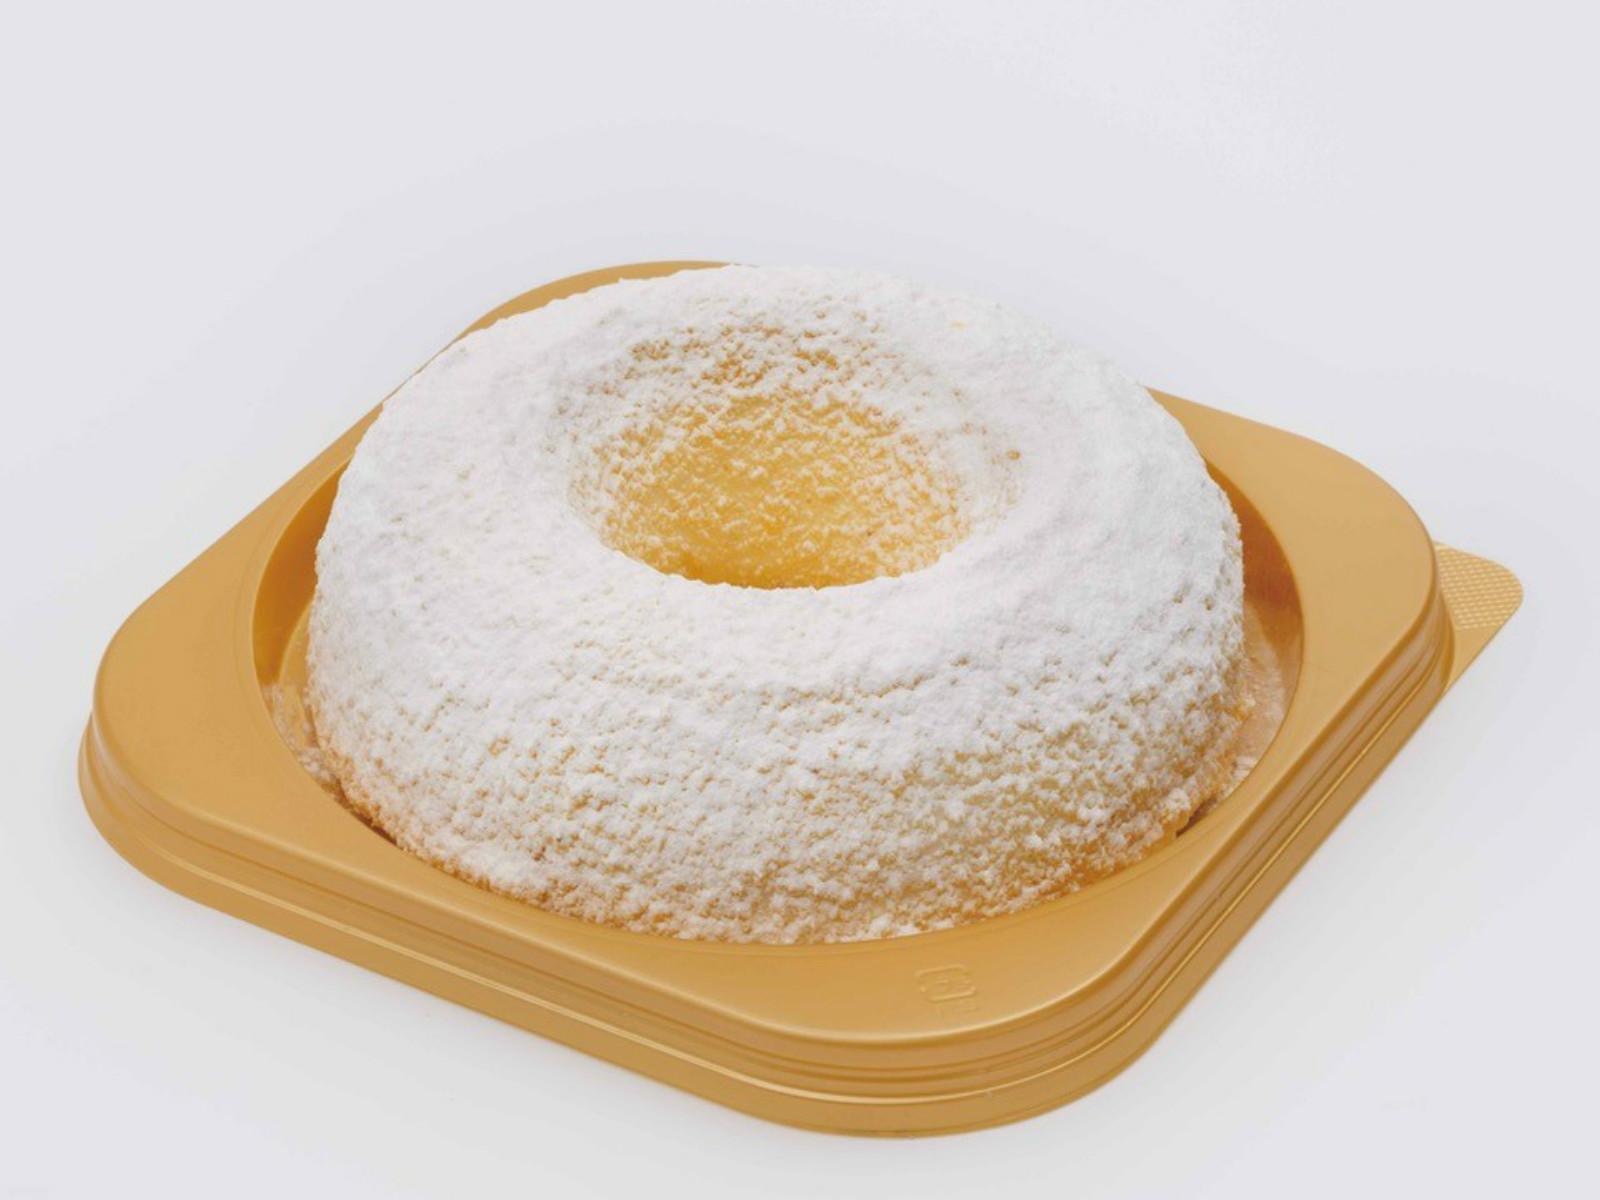 ひんやりよくばりセット(長崎ブリュレカステラ&チーズケーキ&サンケーキ)(長崎便)